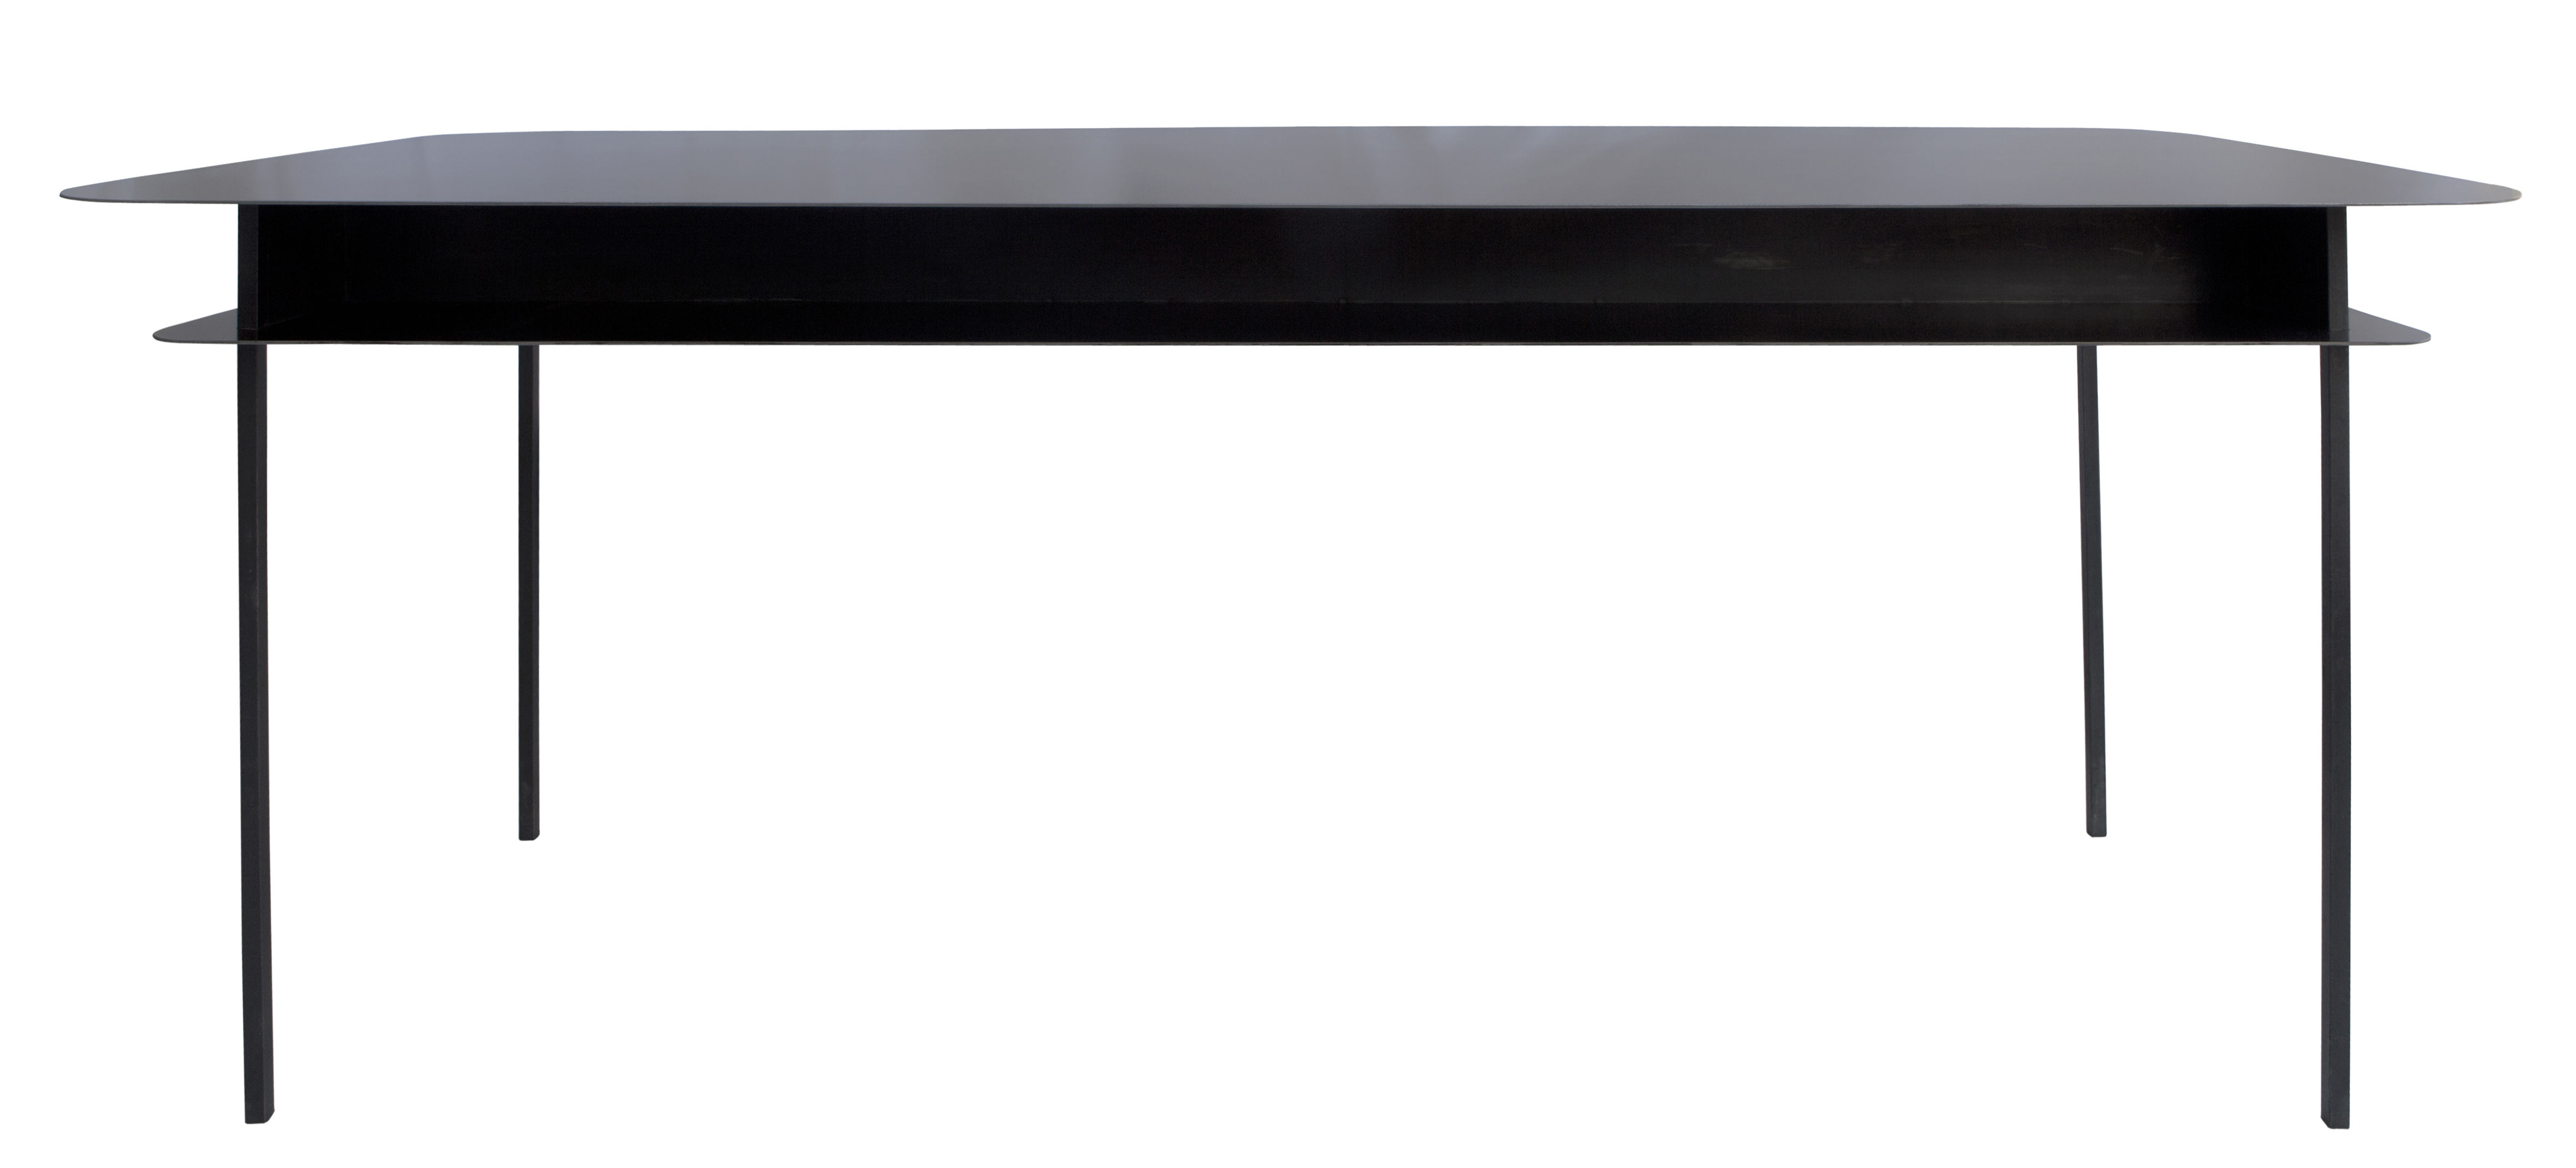 Arredamento - Mobili da ufficio - Scrivania Tokyo / 100 x 60 cm - Sarah Lavoine - Nero - Acciaio